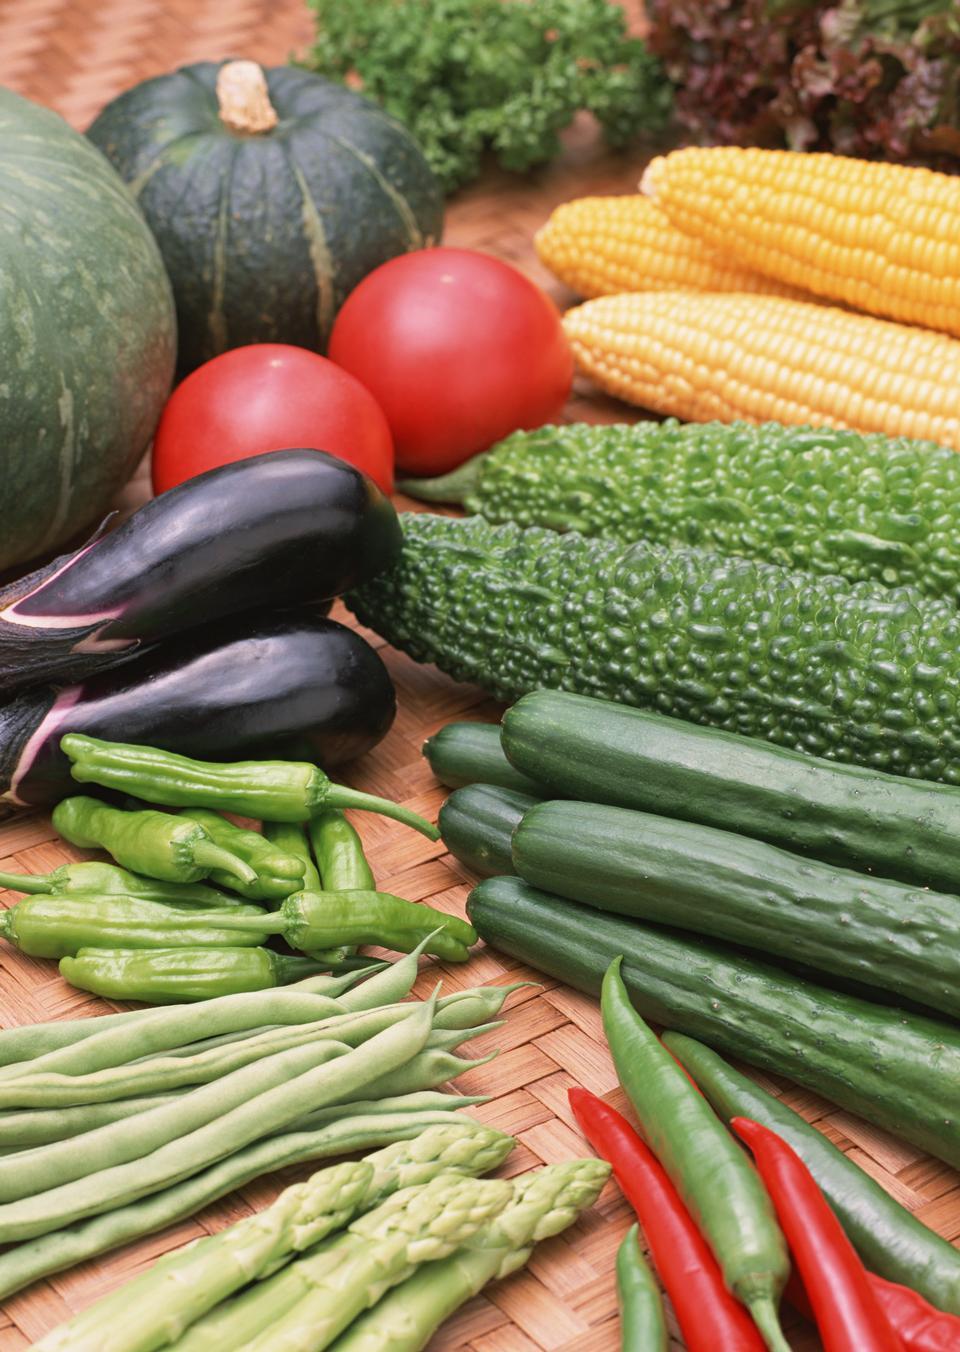 Vegetables All Together